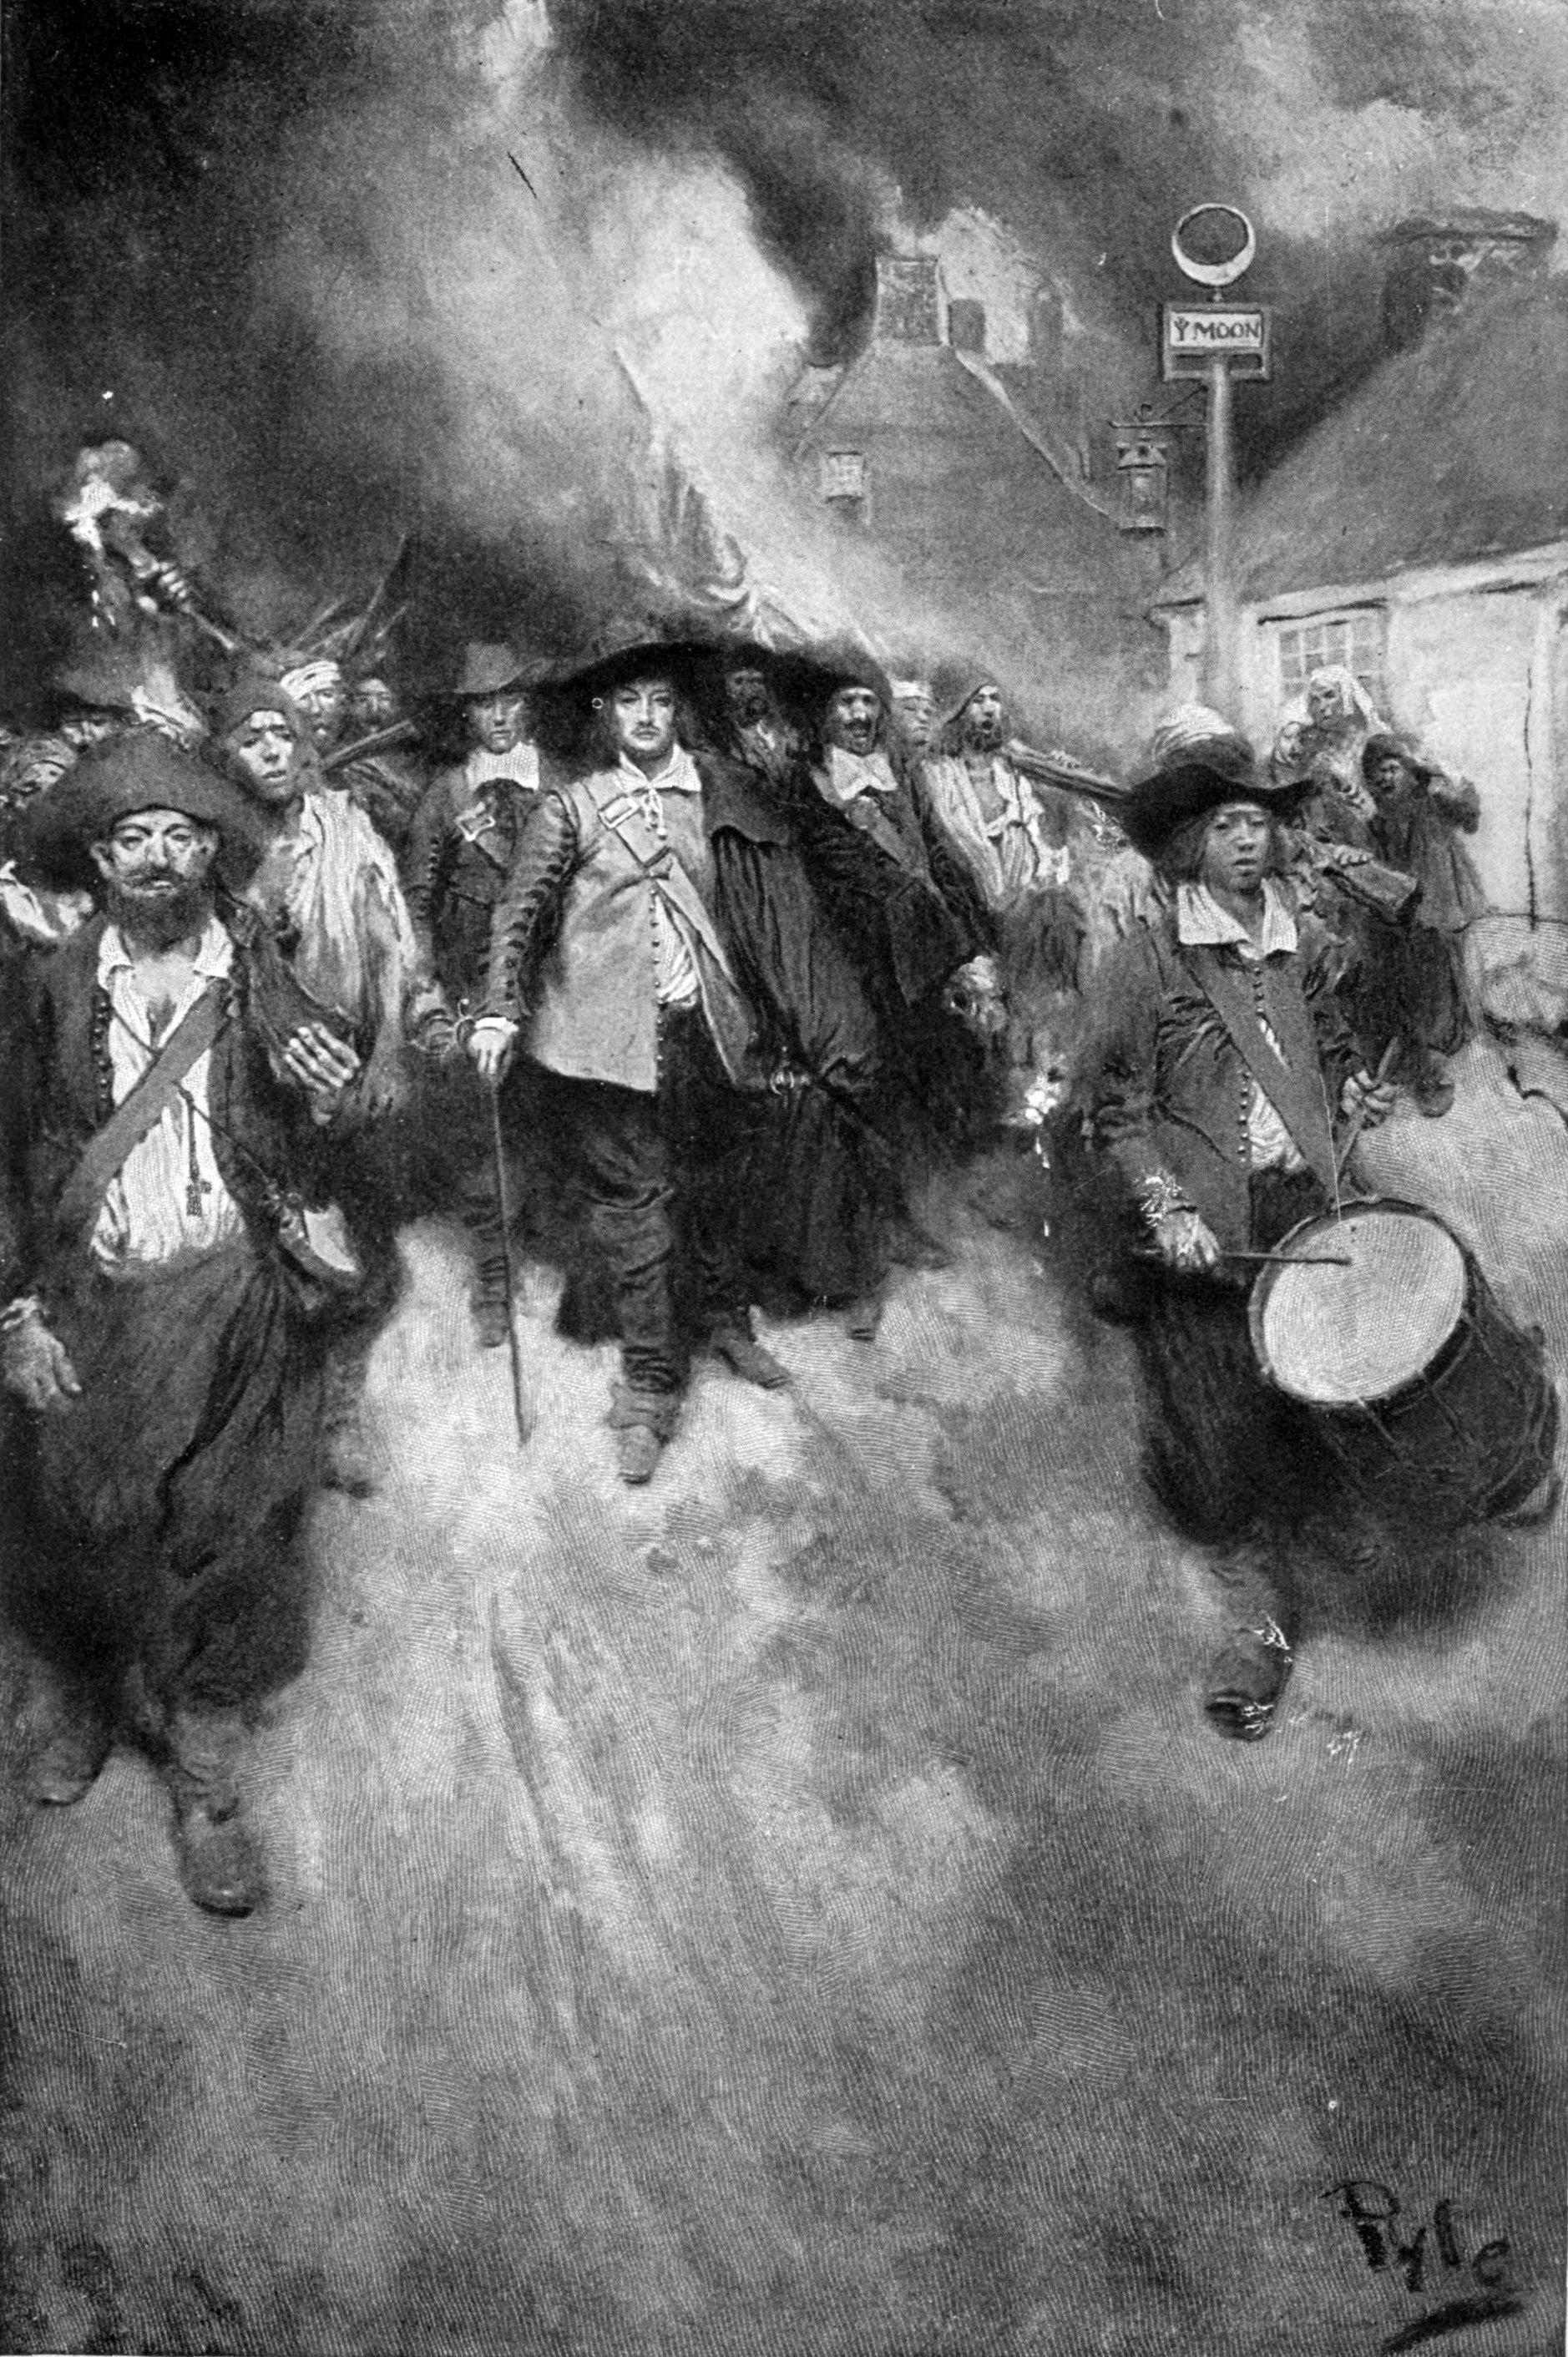 7e. A Tradition of Rebellion